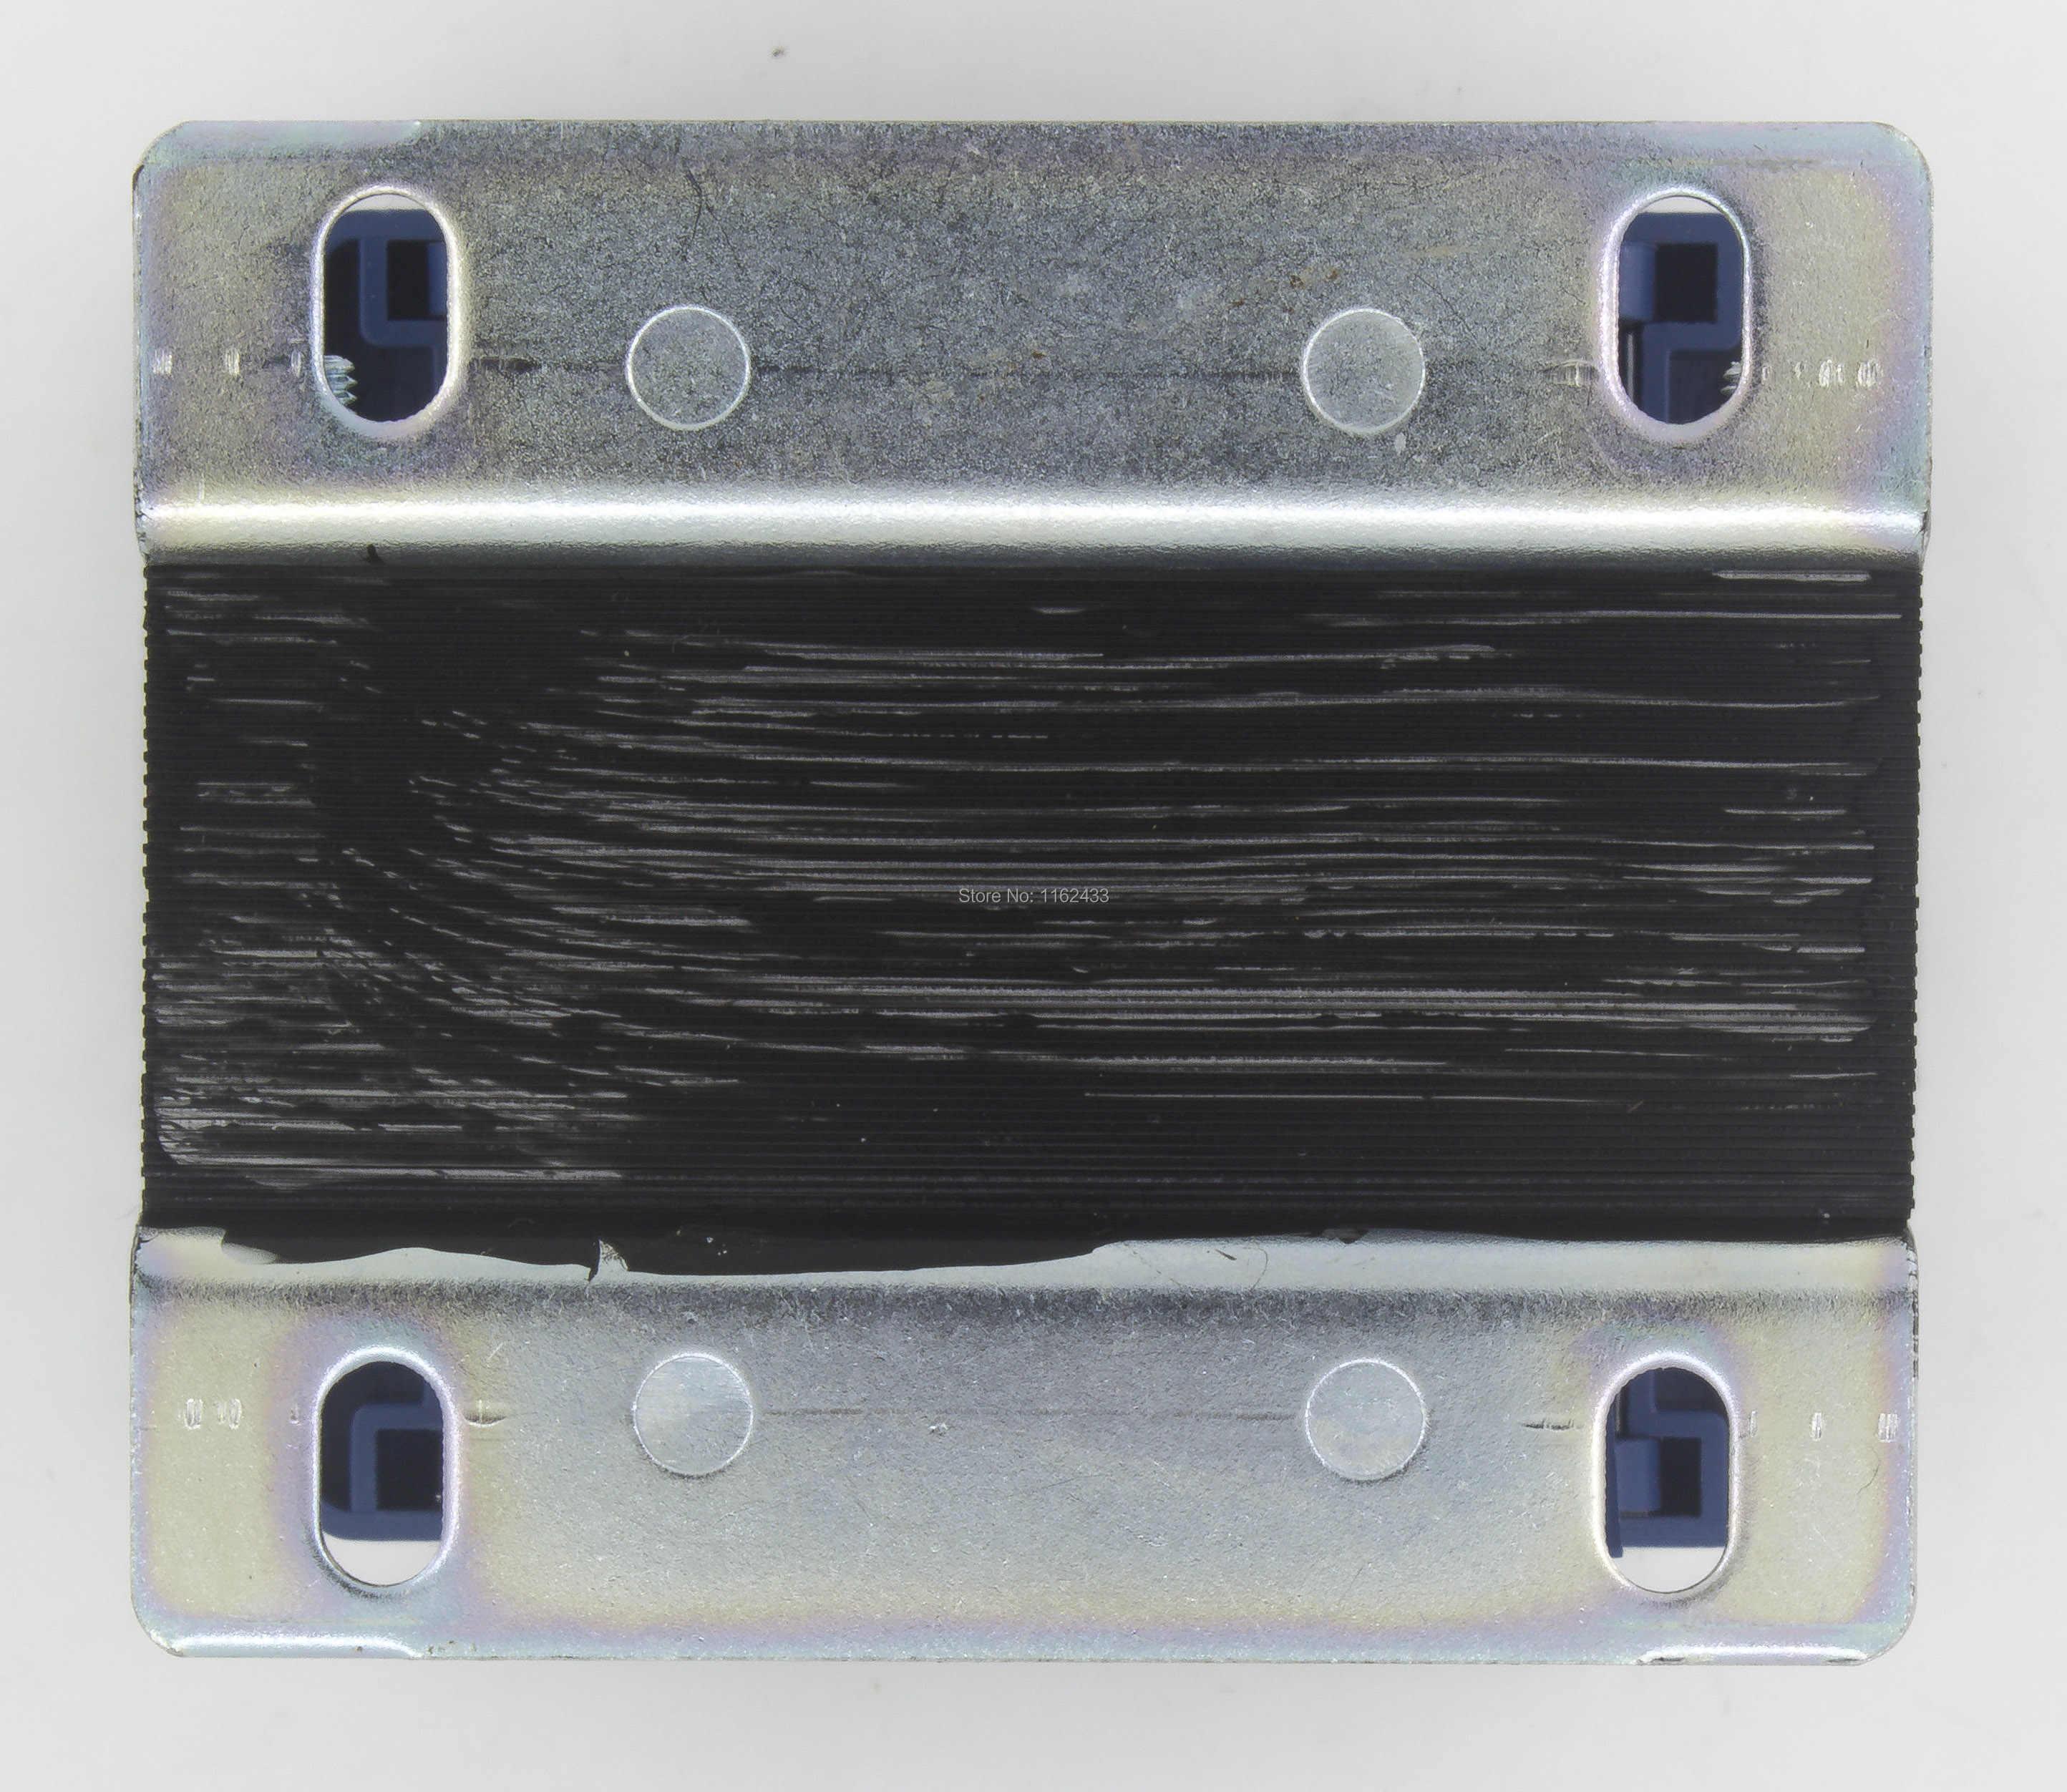 BK-50VA BK Тип управления мощность трансформатор 220 В/380 В вход 220 в 110 В 36 В 24 в 12 В 6,3 В 80 в выход